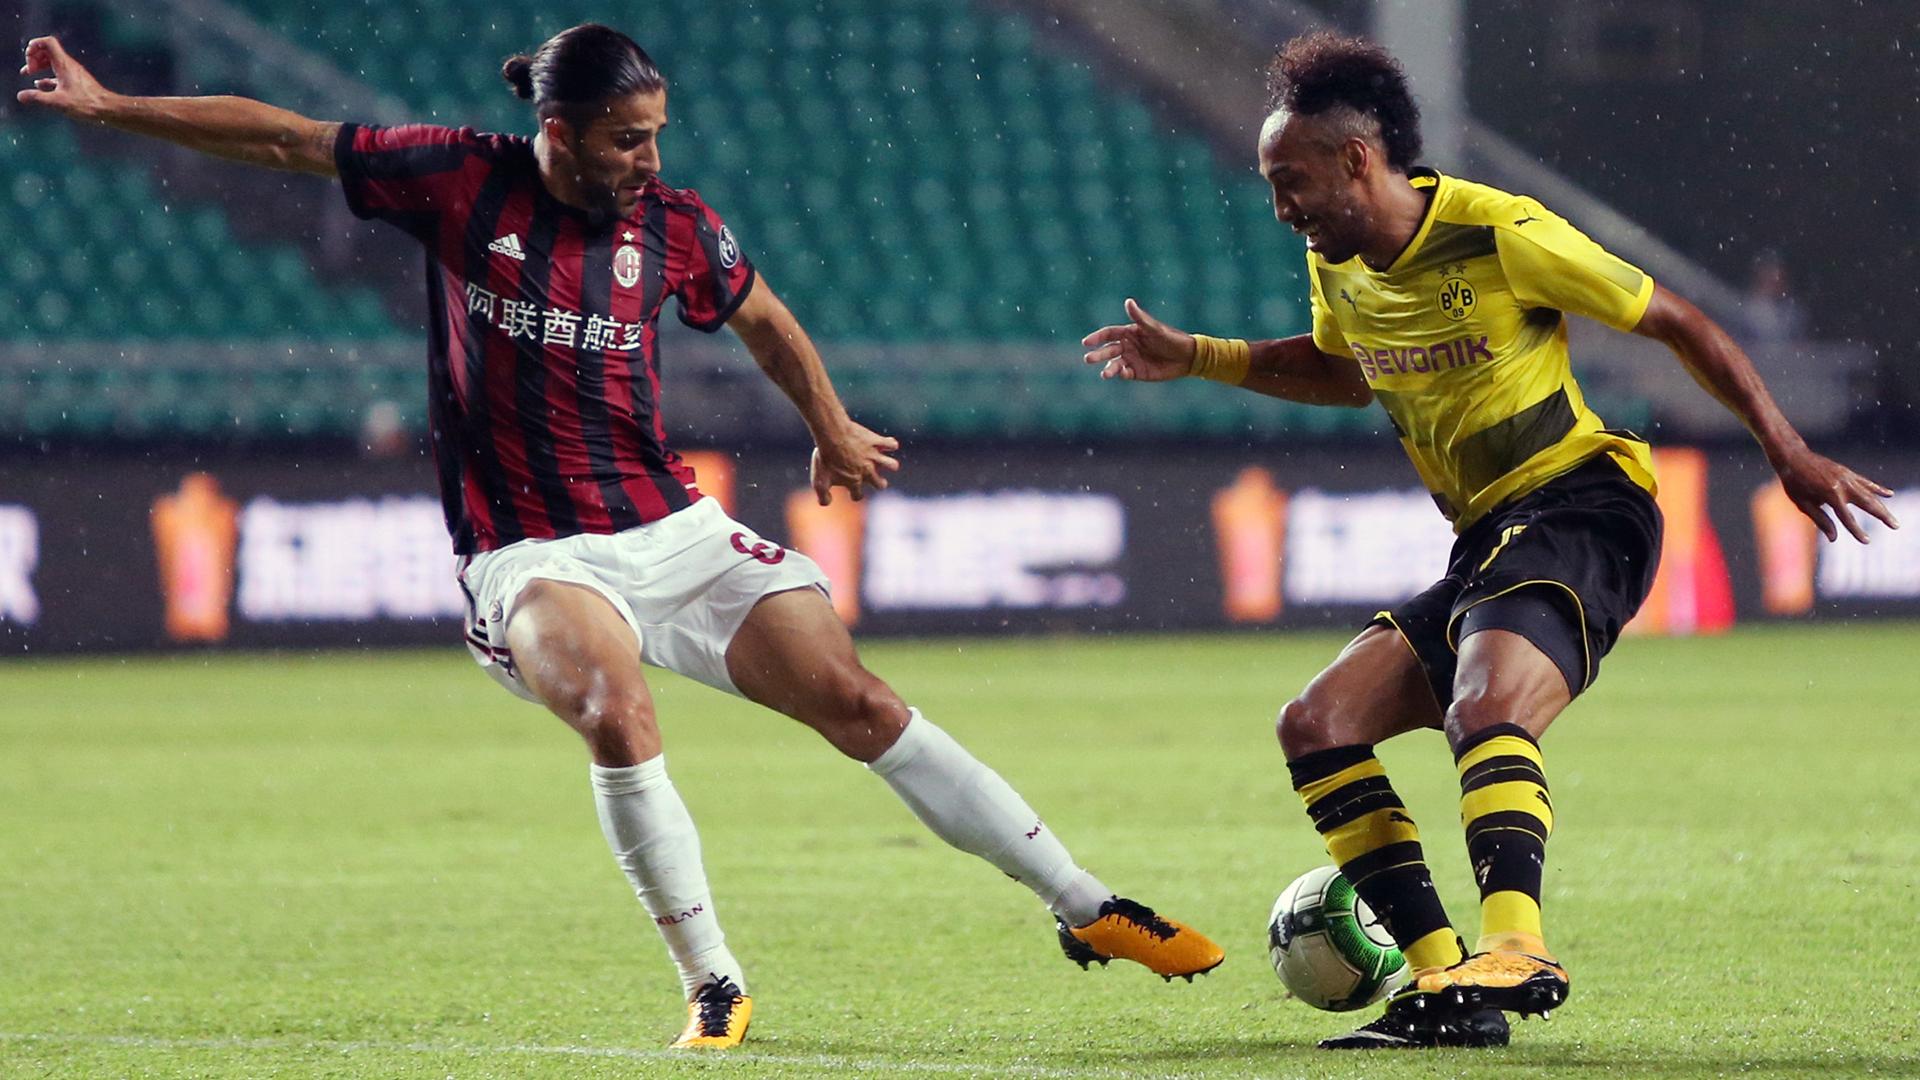 Craiova-Milan, Rodriguez segna il primo gol dei rossoneri su punizione